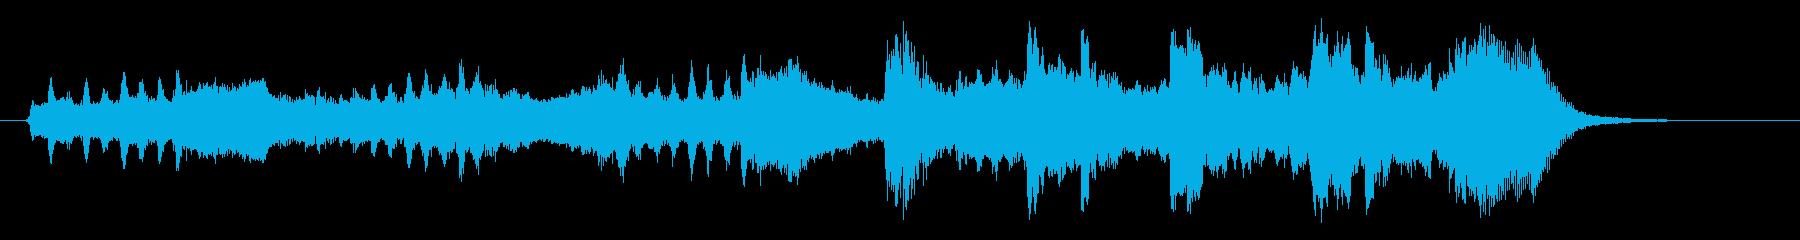 ゆったりとした和やかな音楽の再生済みの波形